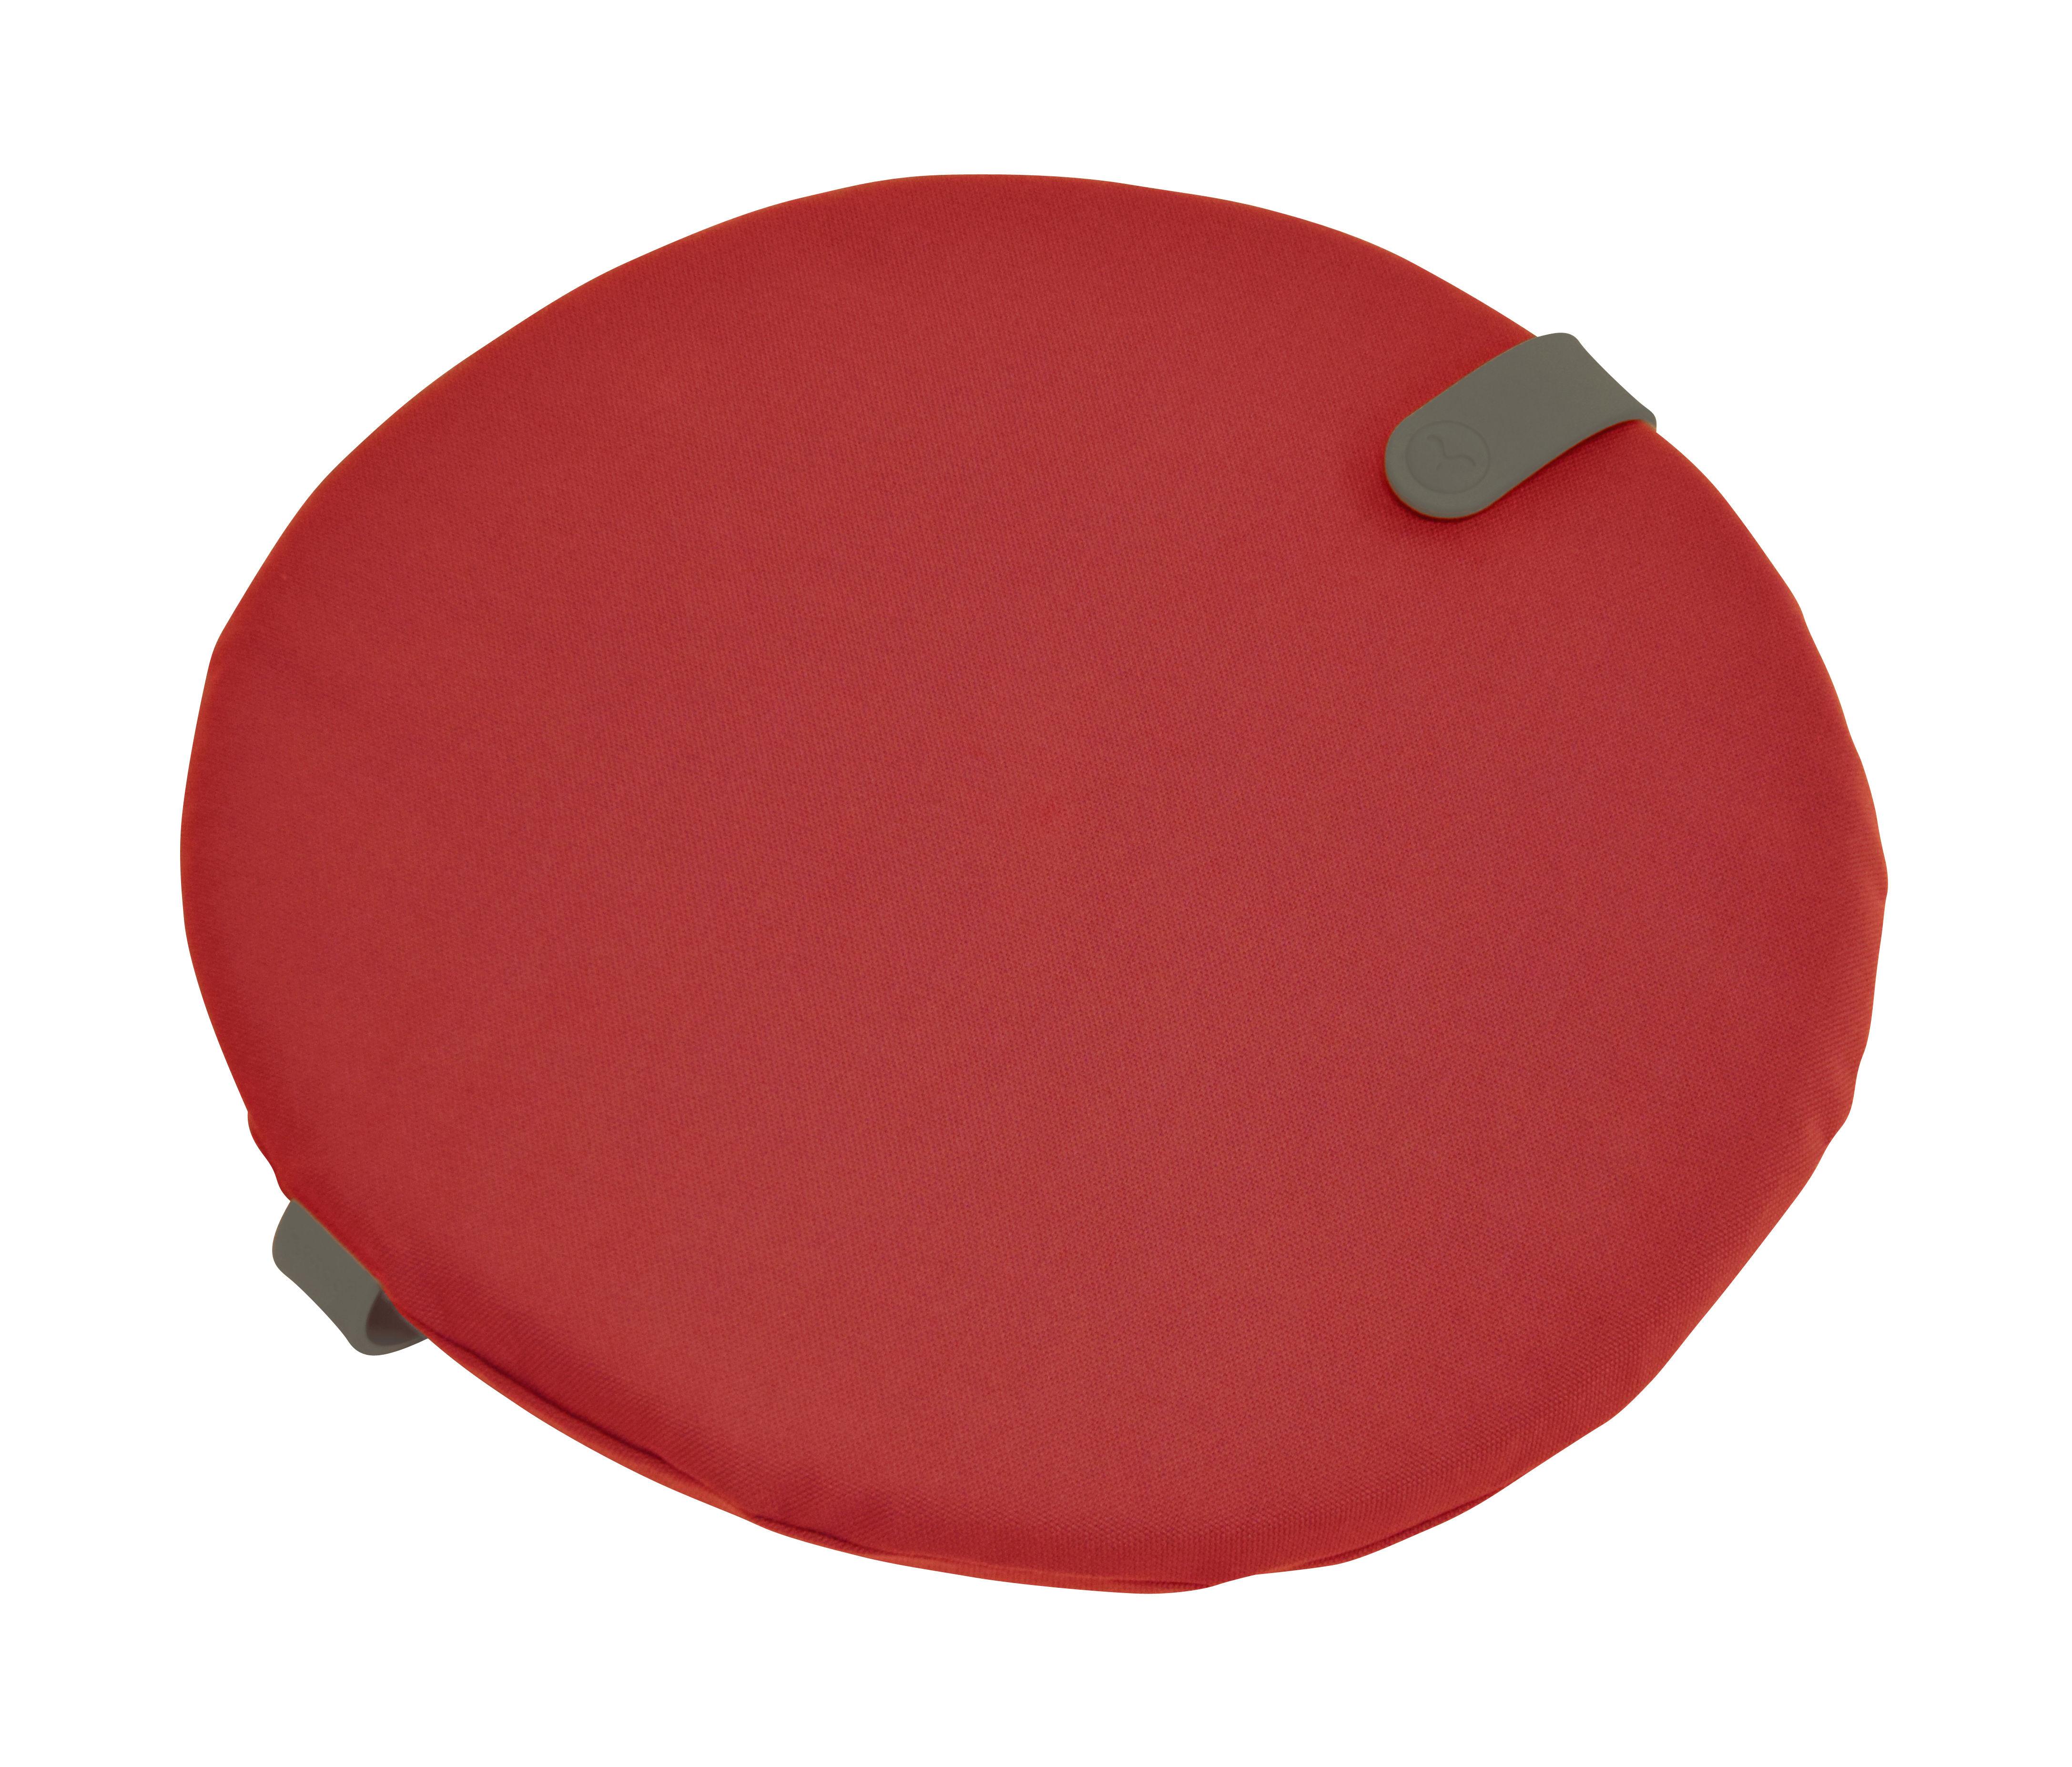 Interni - Cuscini  - Cuscinetto per sedia Color Mix - / Ø 40 cm di Fermob - Rosso candy / Cinghia Rosmarino - Espanso, PVC, Tessuto acrilico